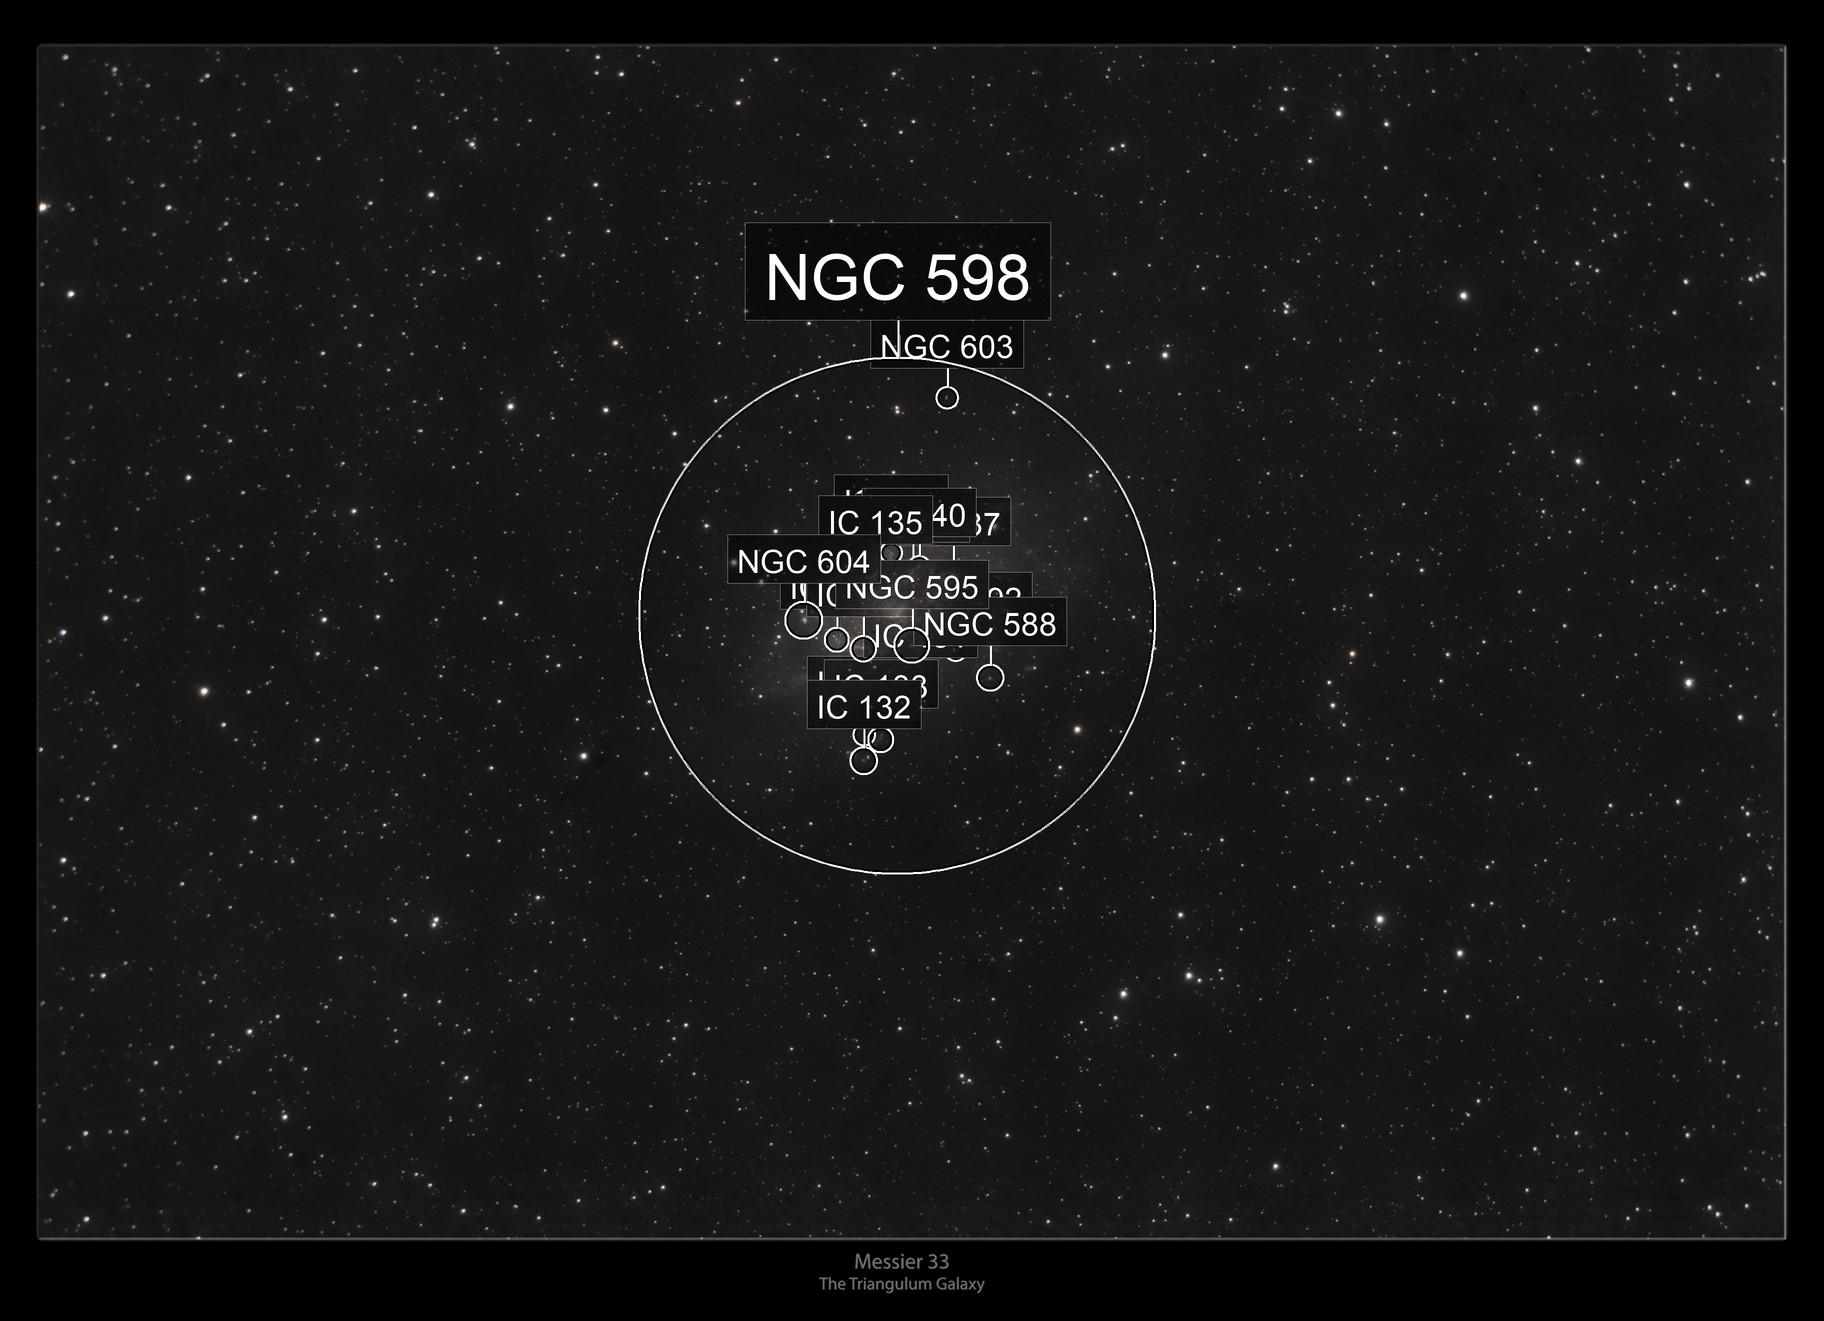 Messier 33